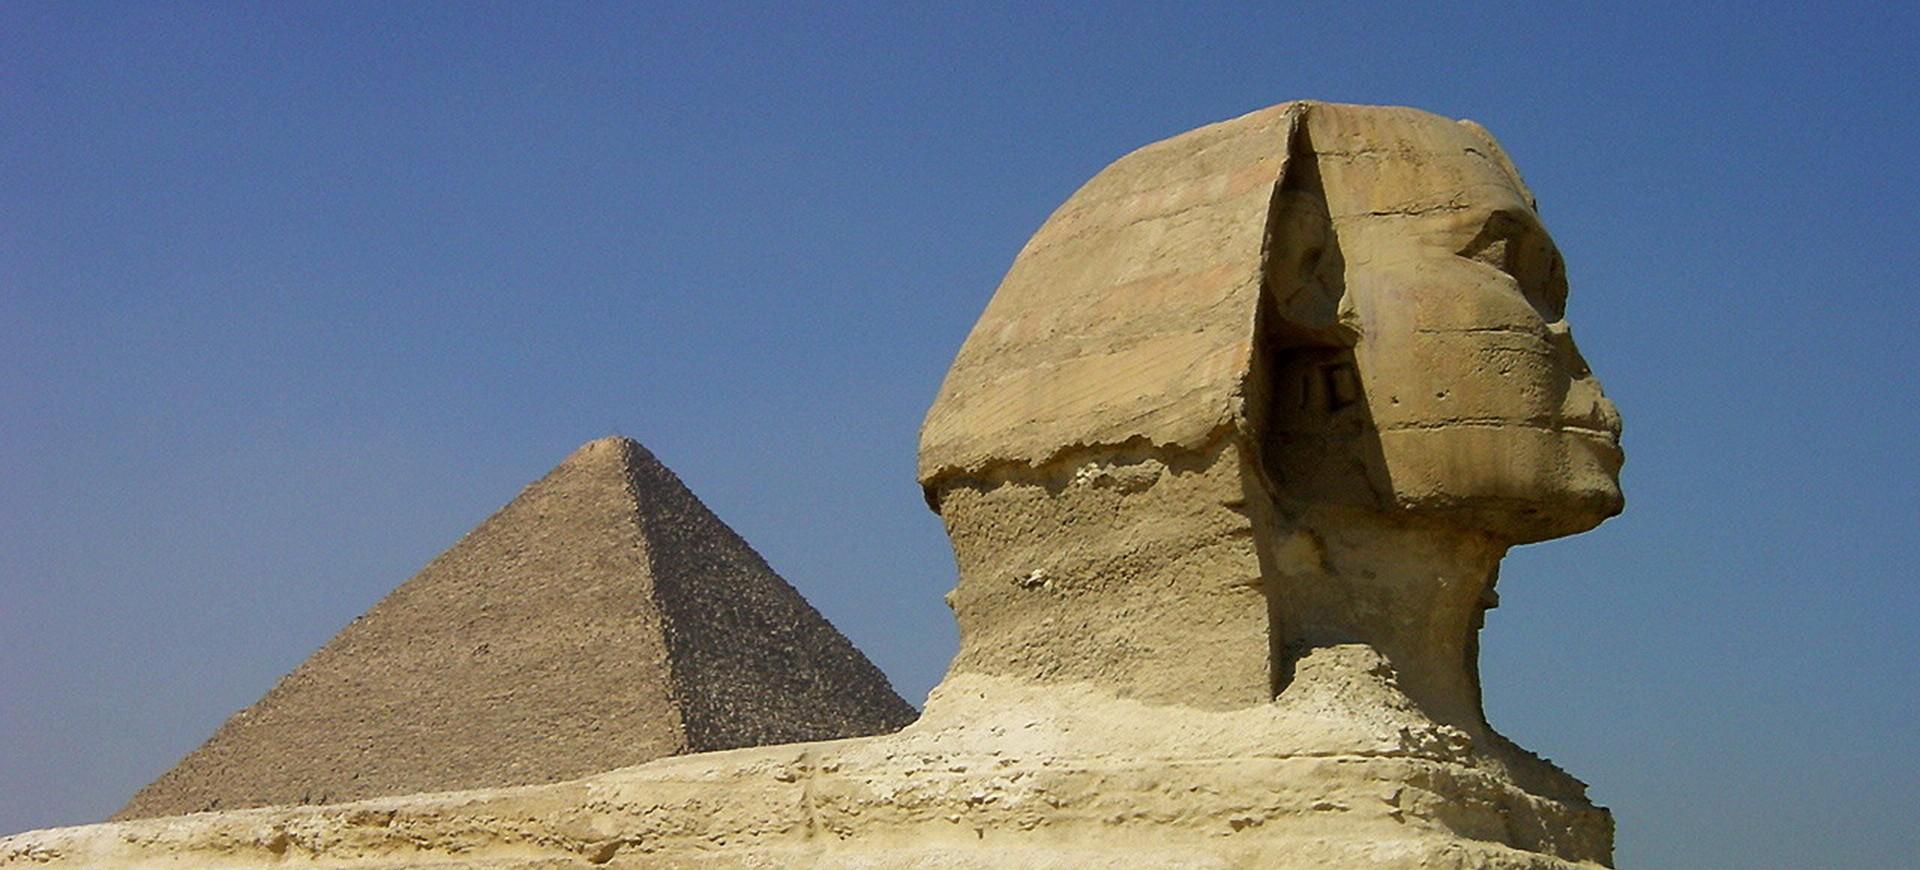 Pyramide et Sphyinx à Guizeh au Caire en Egypte